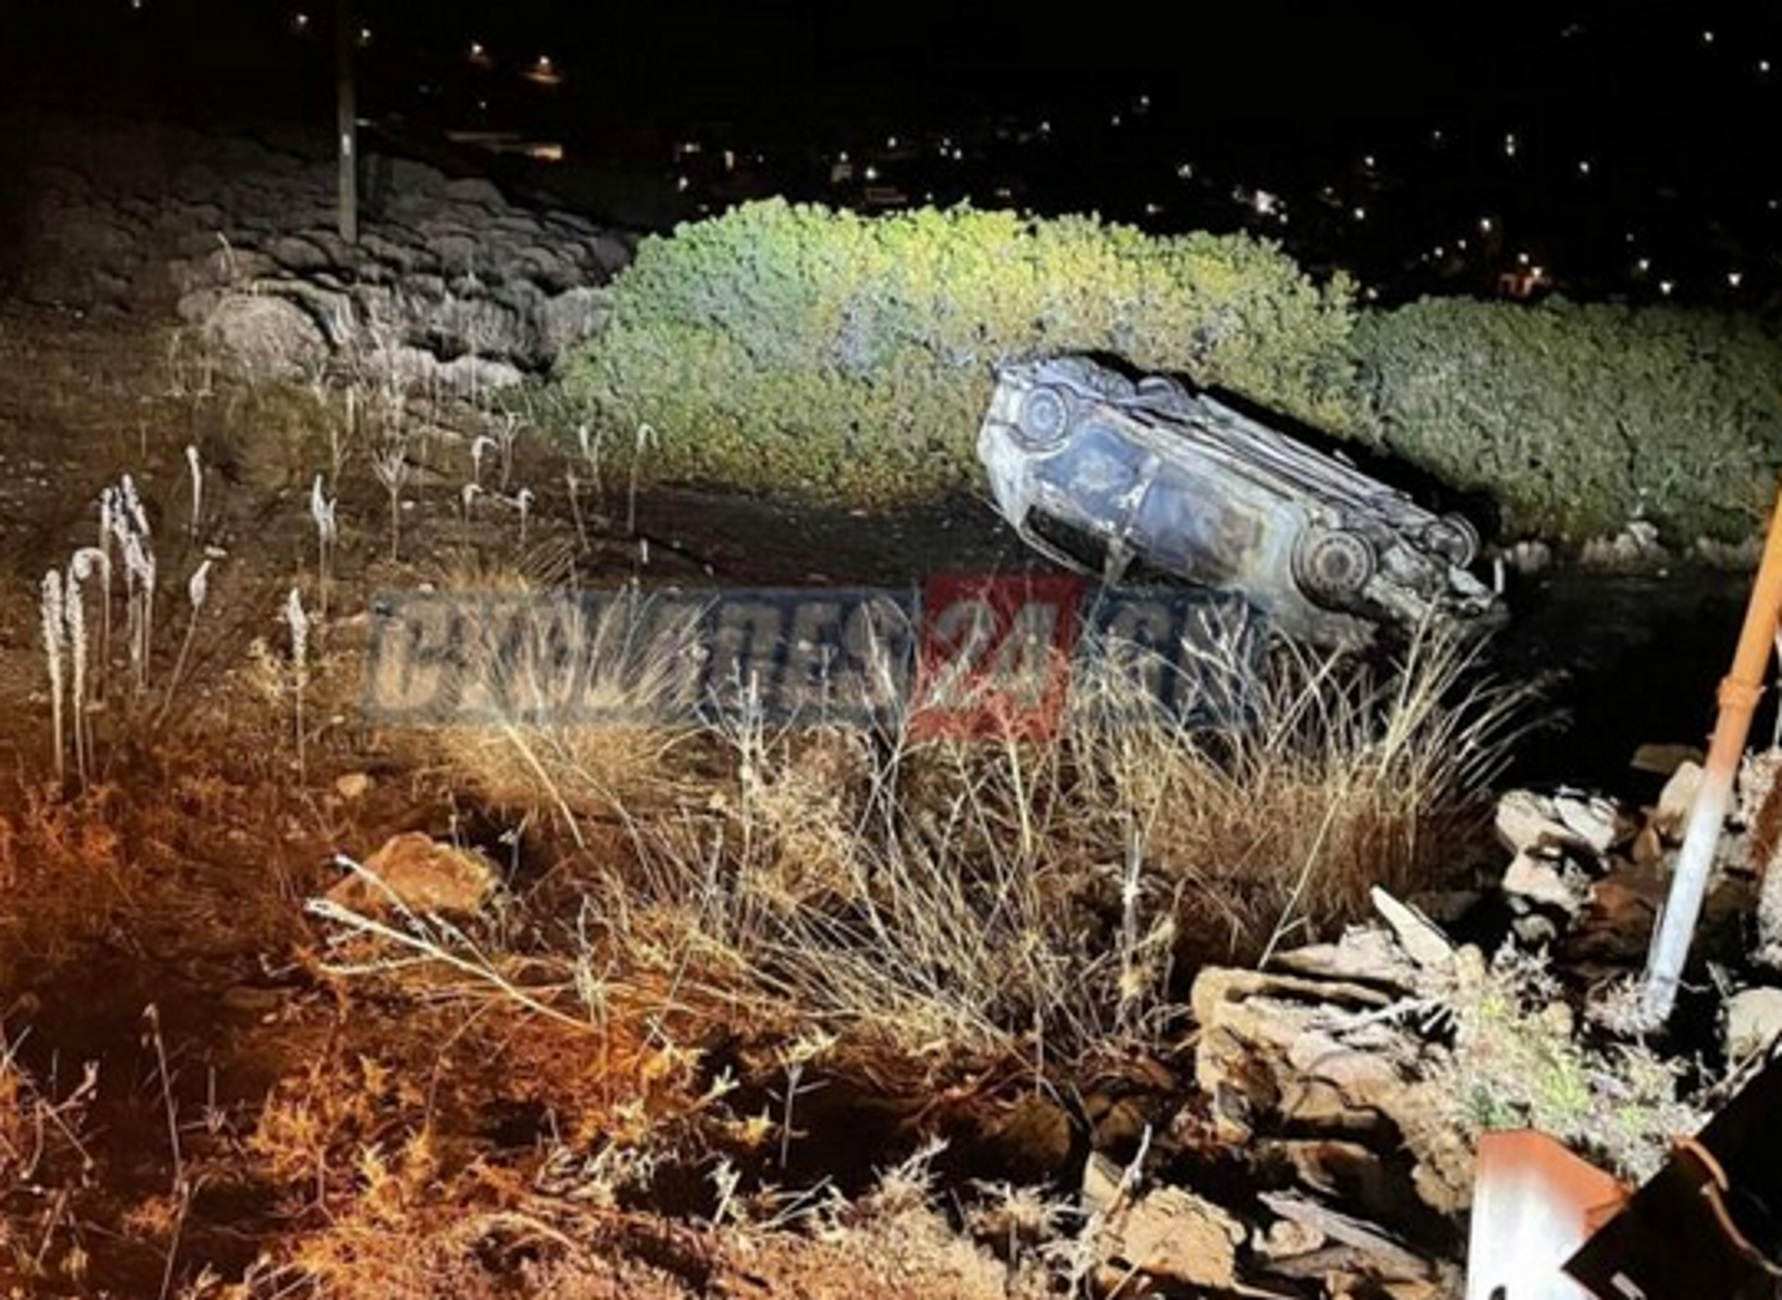 Σύρος: Εγκατέλειψε φλεγόμενο το αυτοκίνητο που έκλεψε – «Πάγωσαν» όταν είδαν τον τραυματισμένο οδηγό